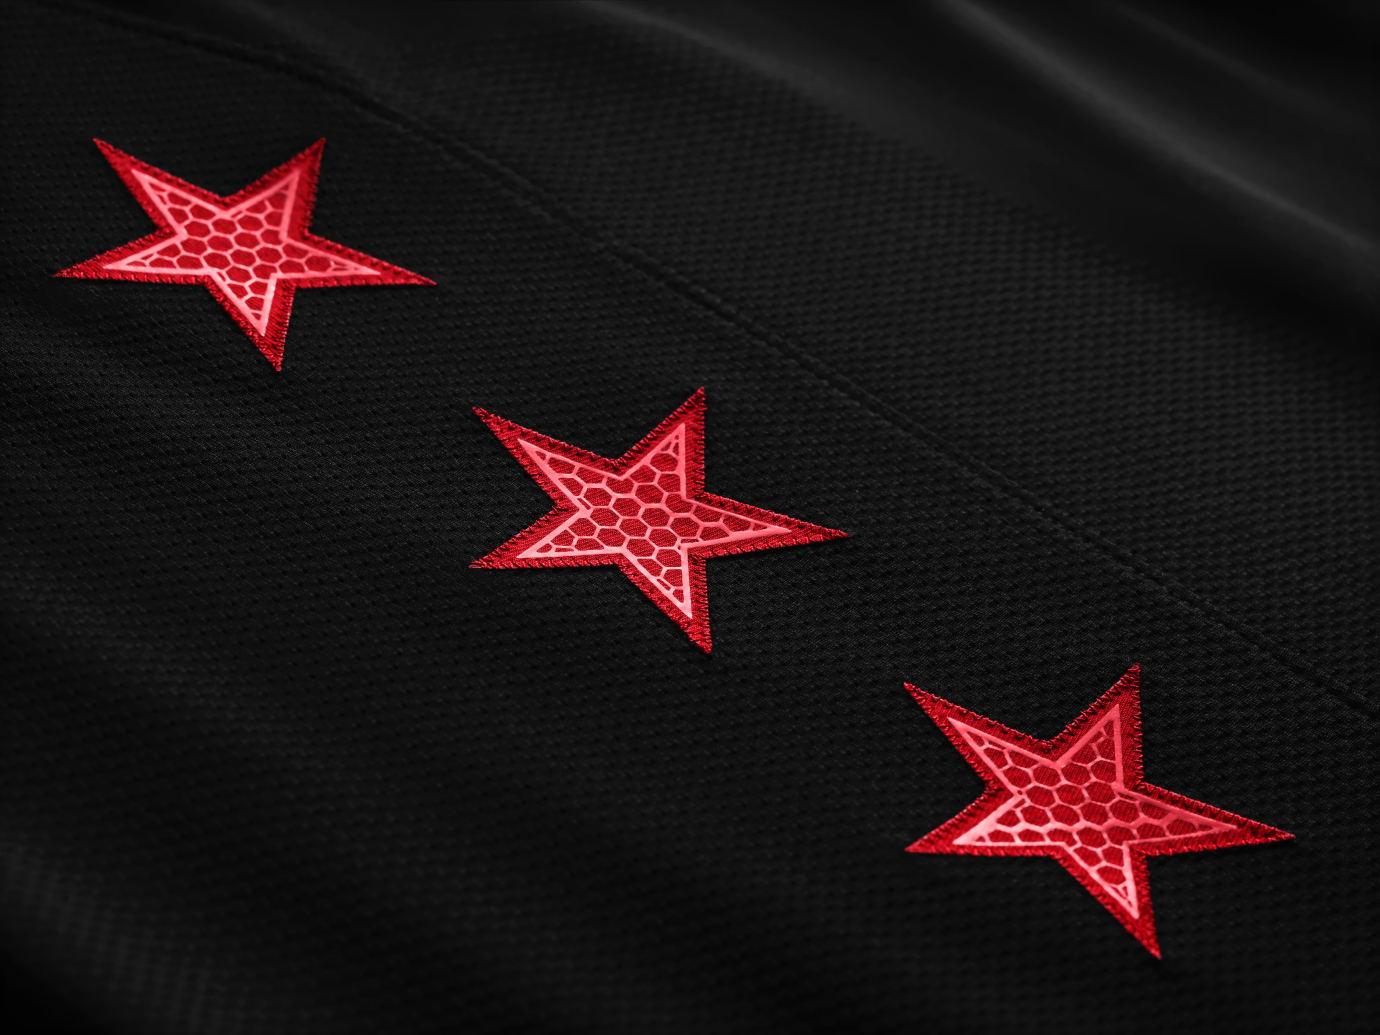 eb0ad7ffbb8 Jordan All-Star Uniform 2019 Black Stars Image via Nike